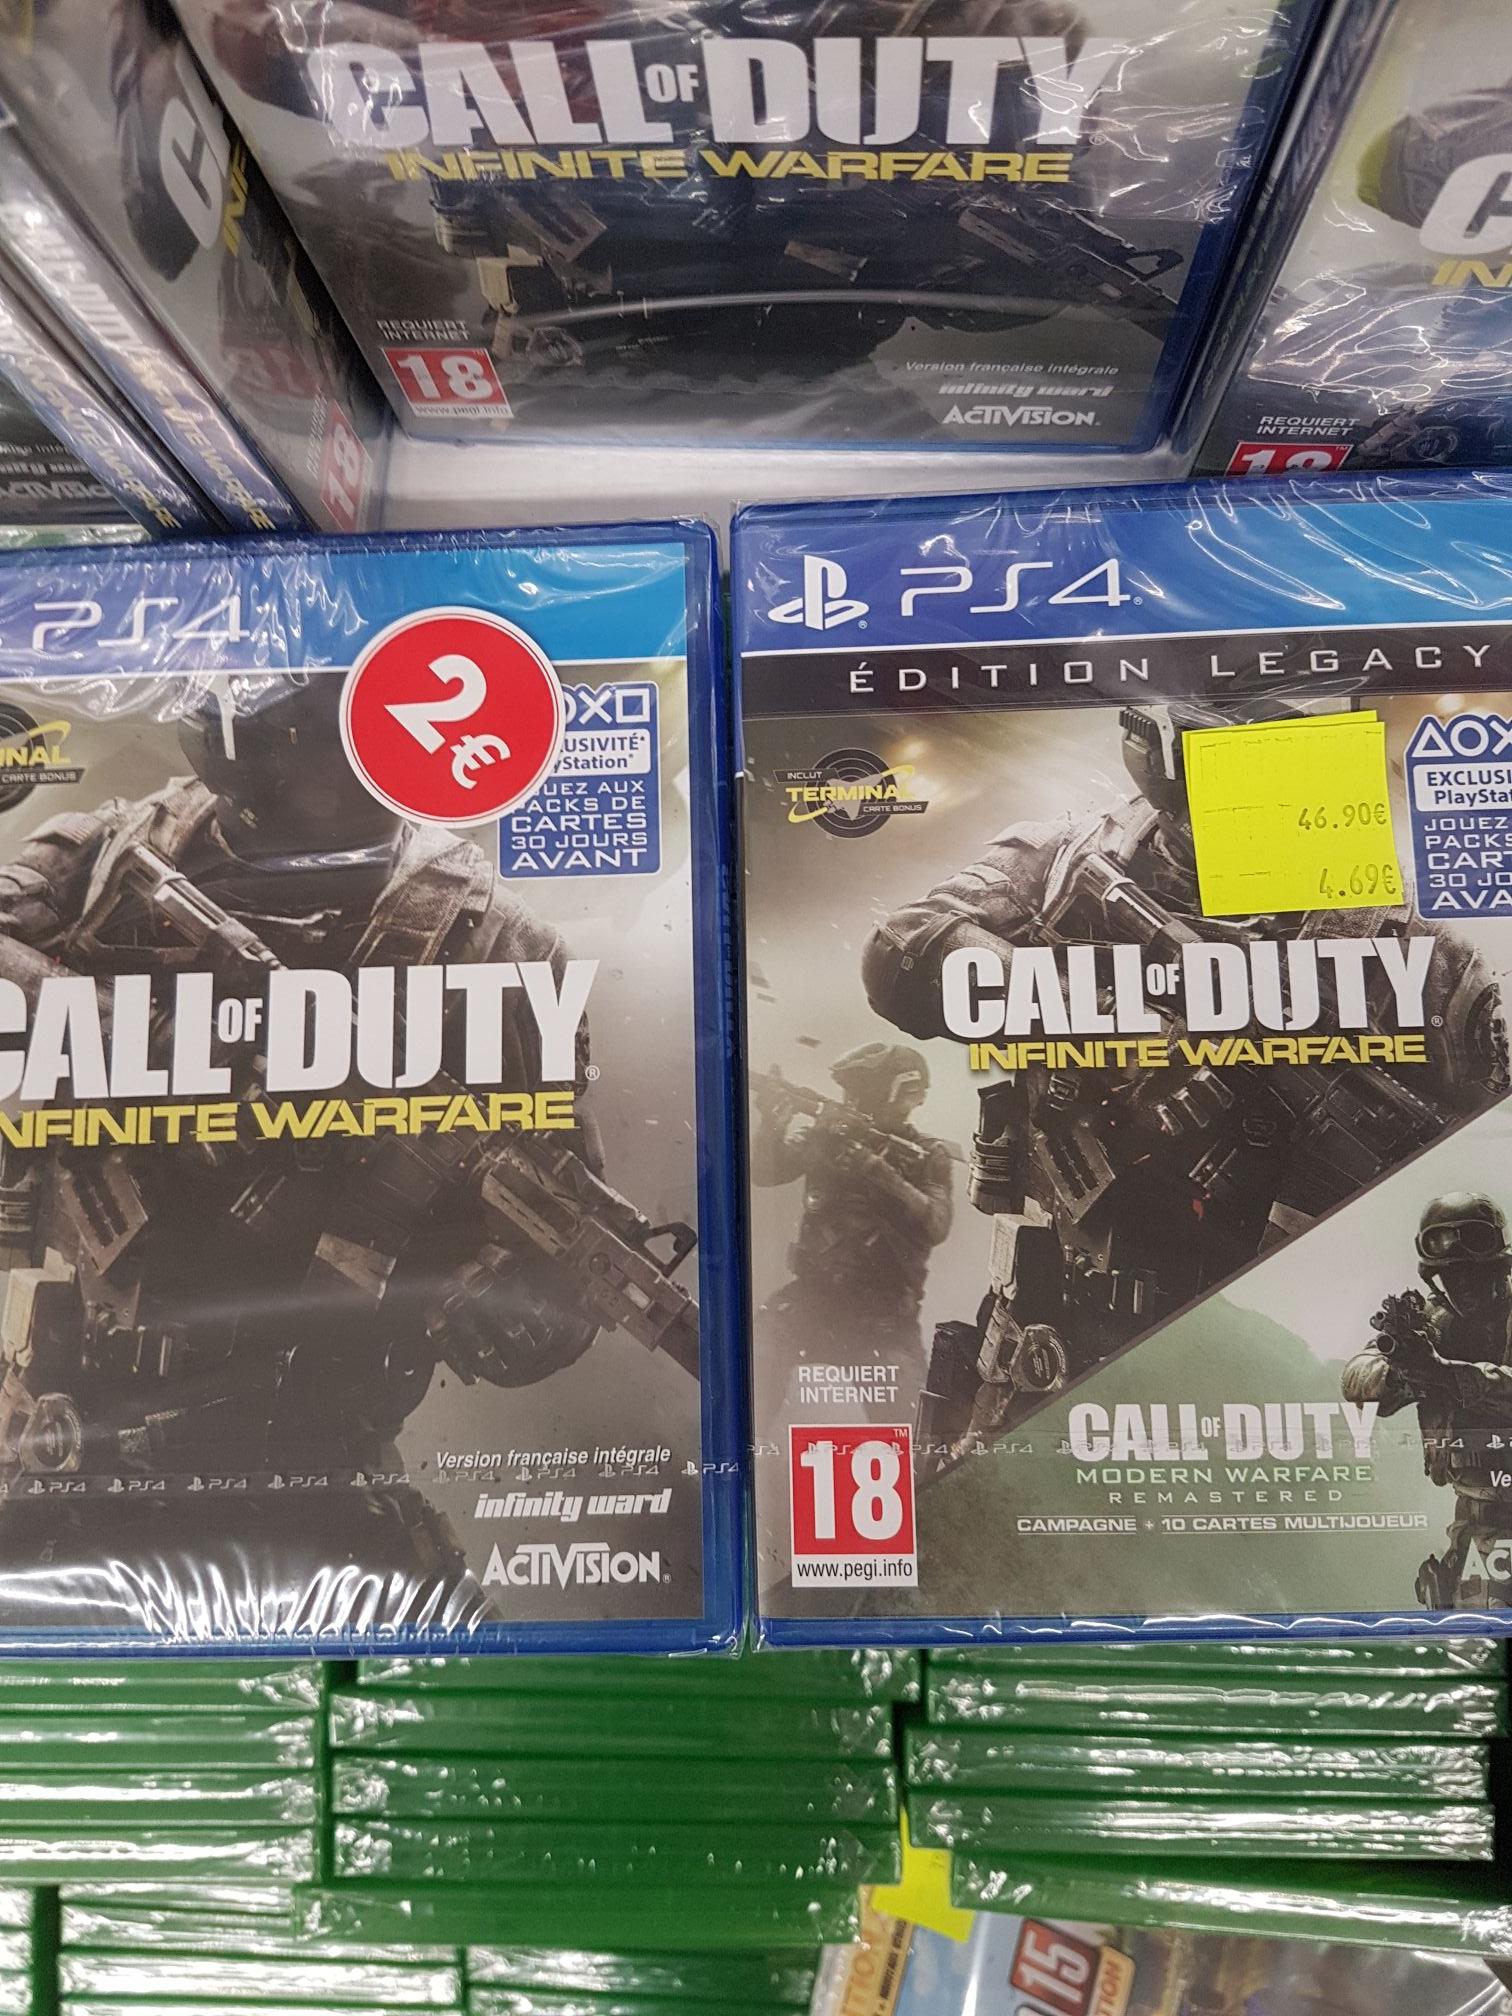 Sélection de jeux vidéo soldés - Ex : Call of Duty Infinite Warfare sur PS4 - Ferney (01)